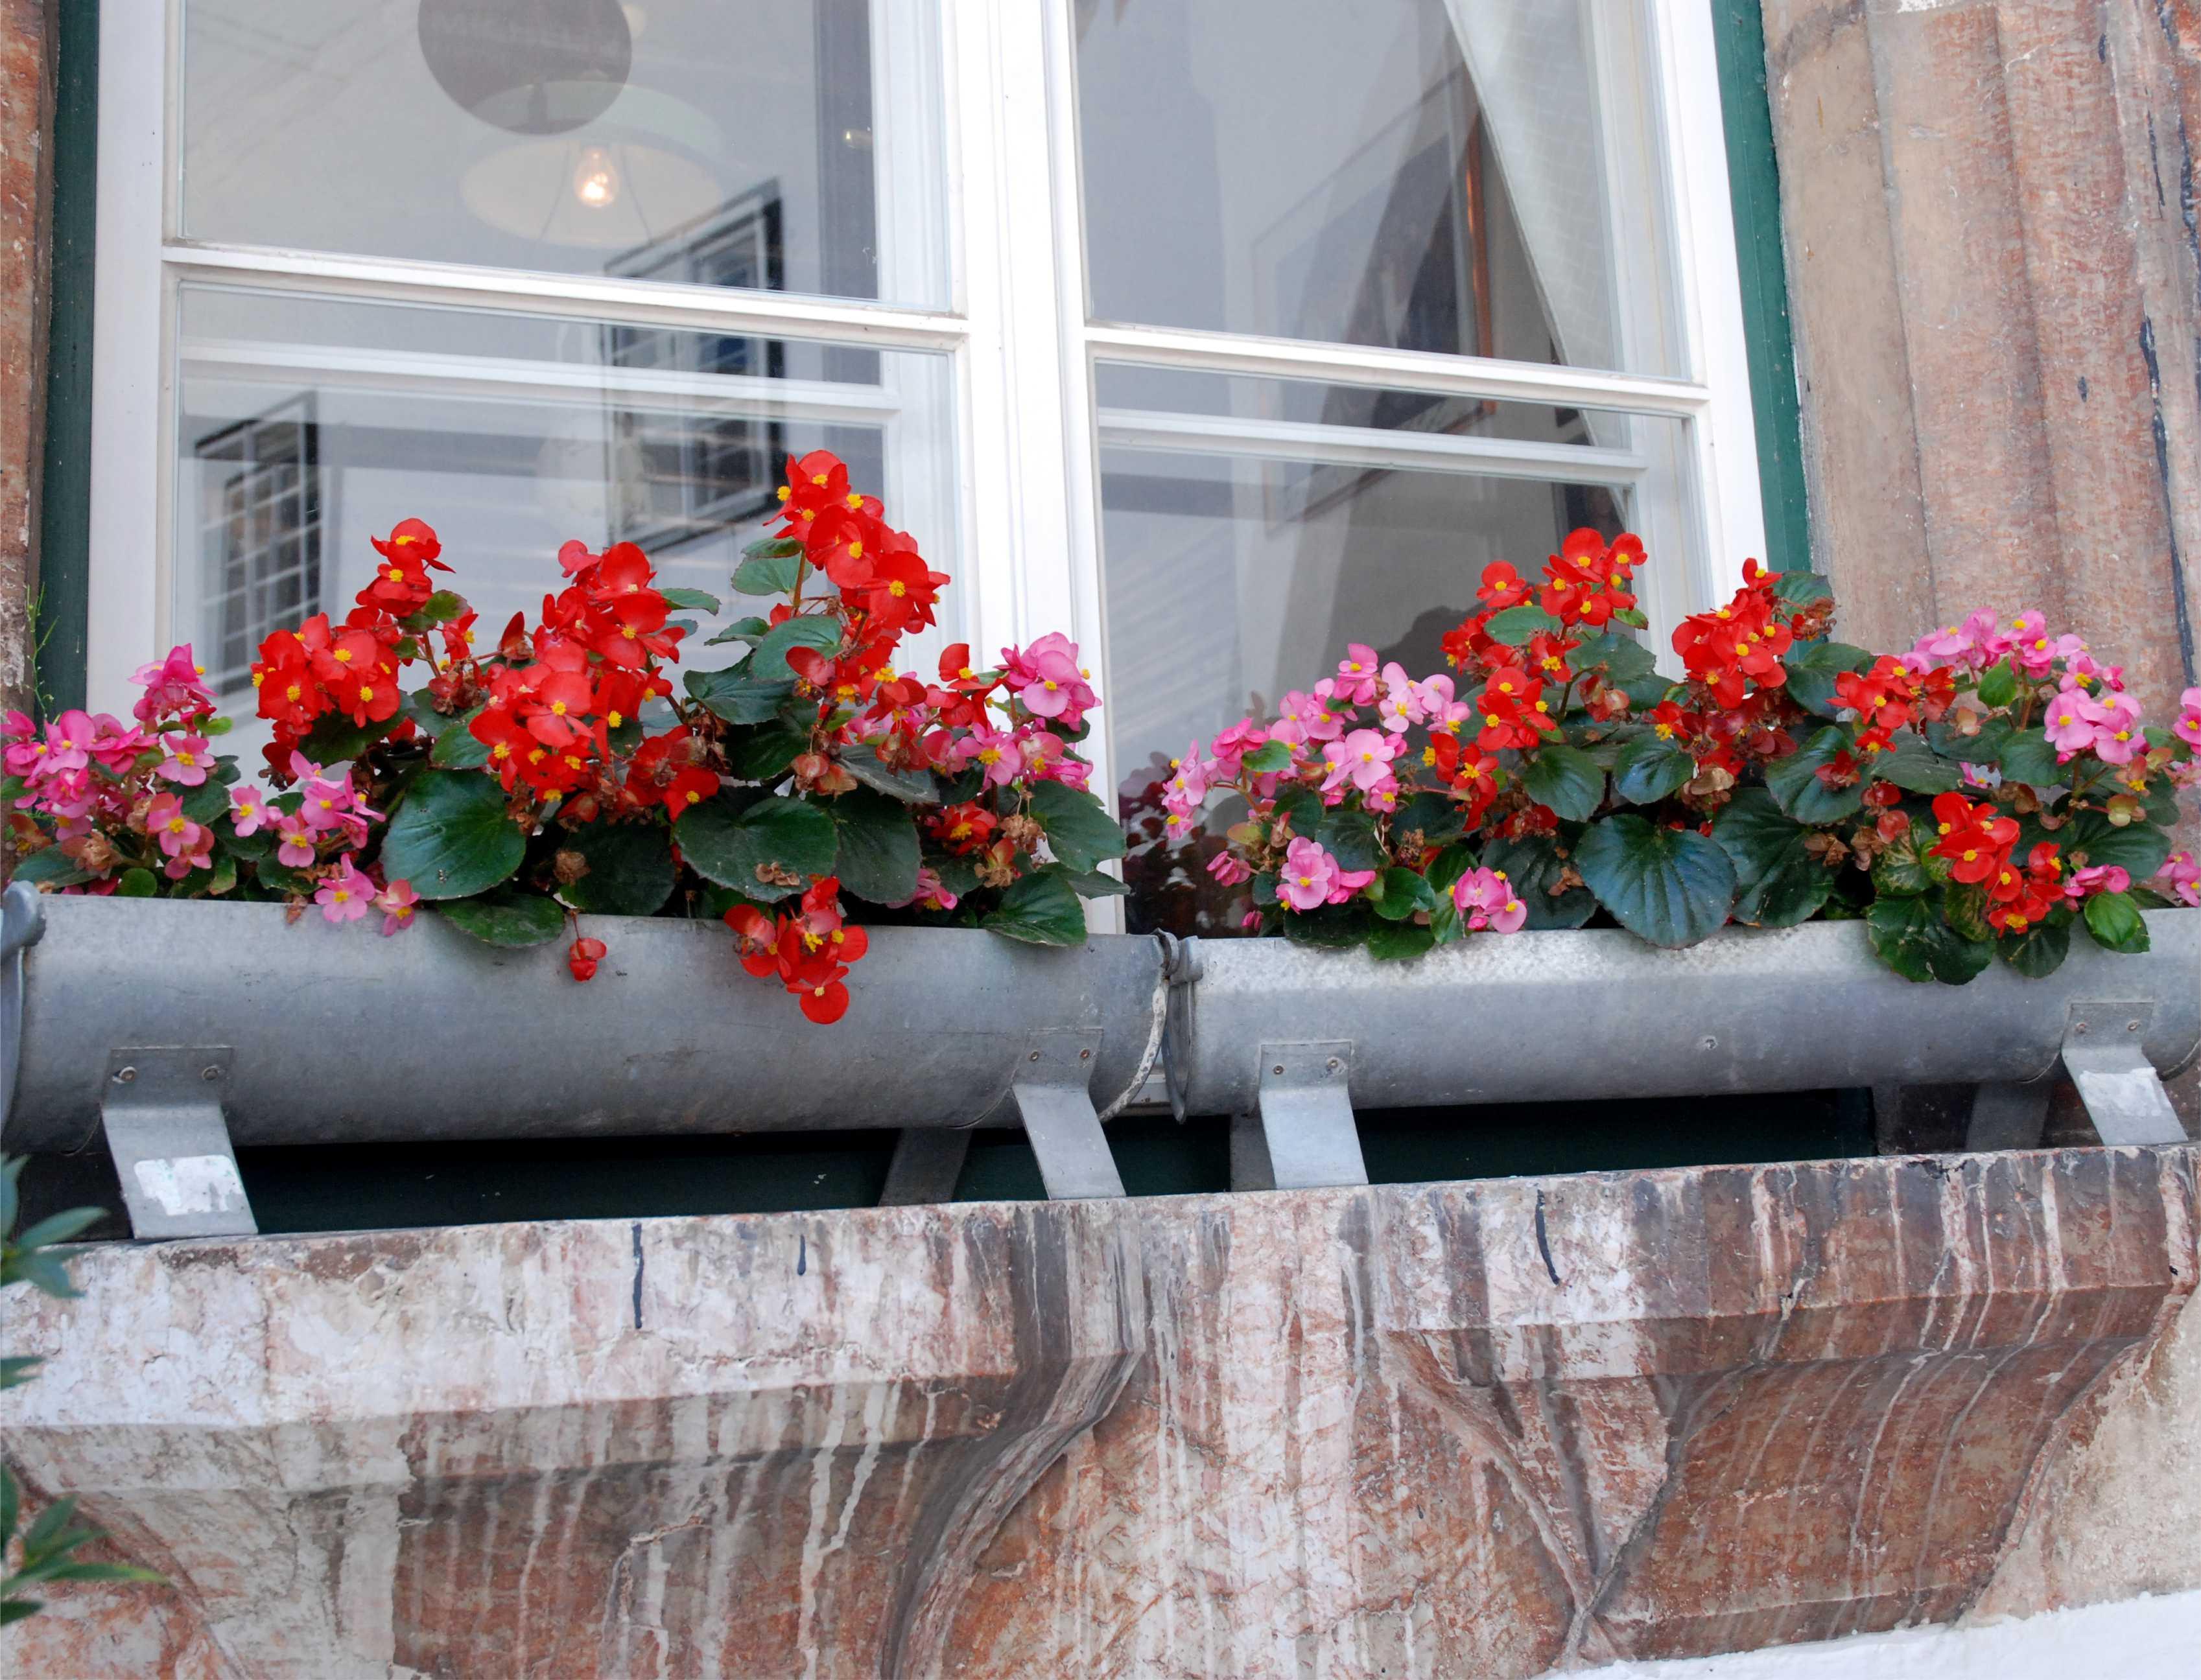 Régi ereszcsatornából csinos virágláda készíthető